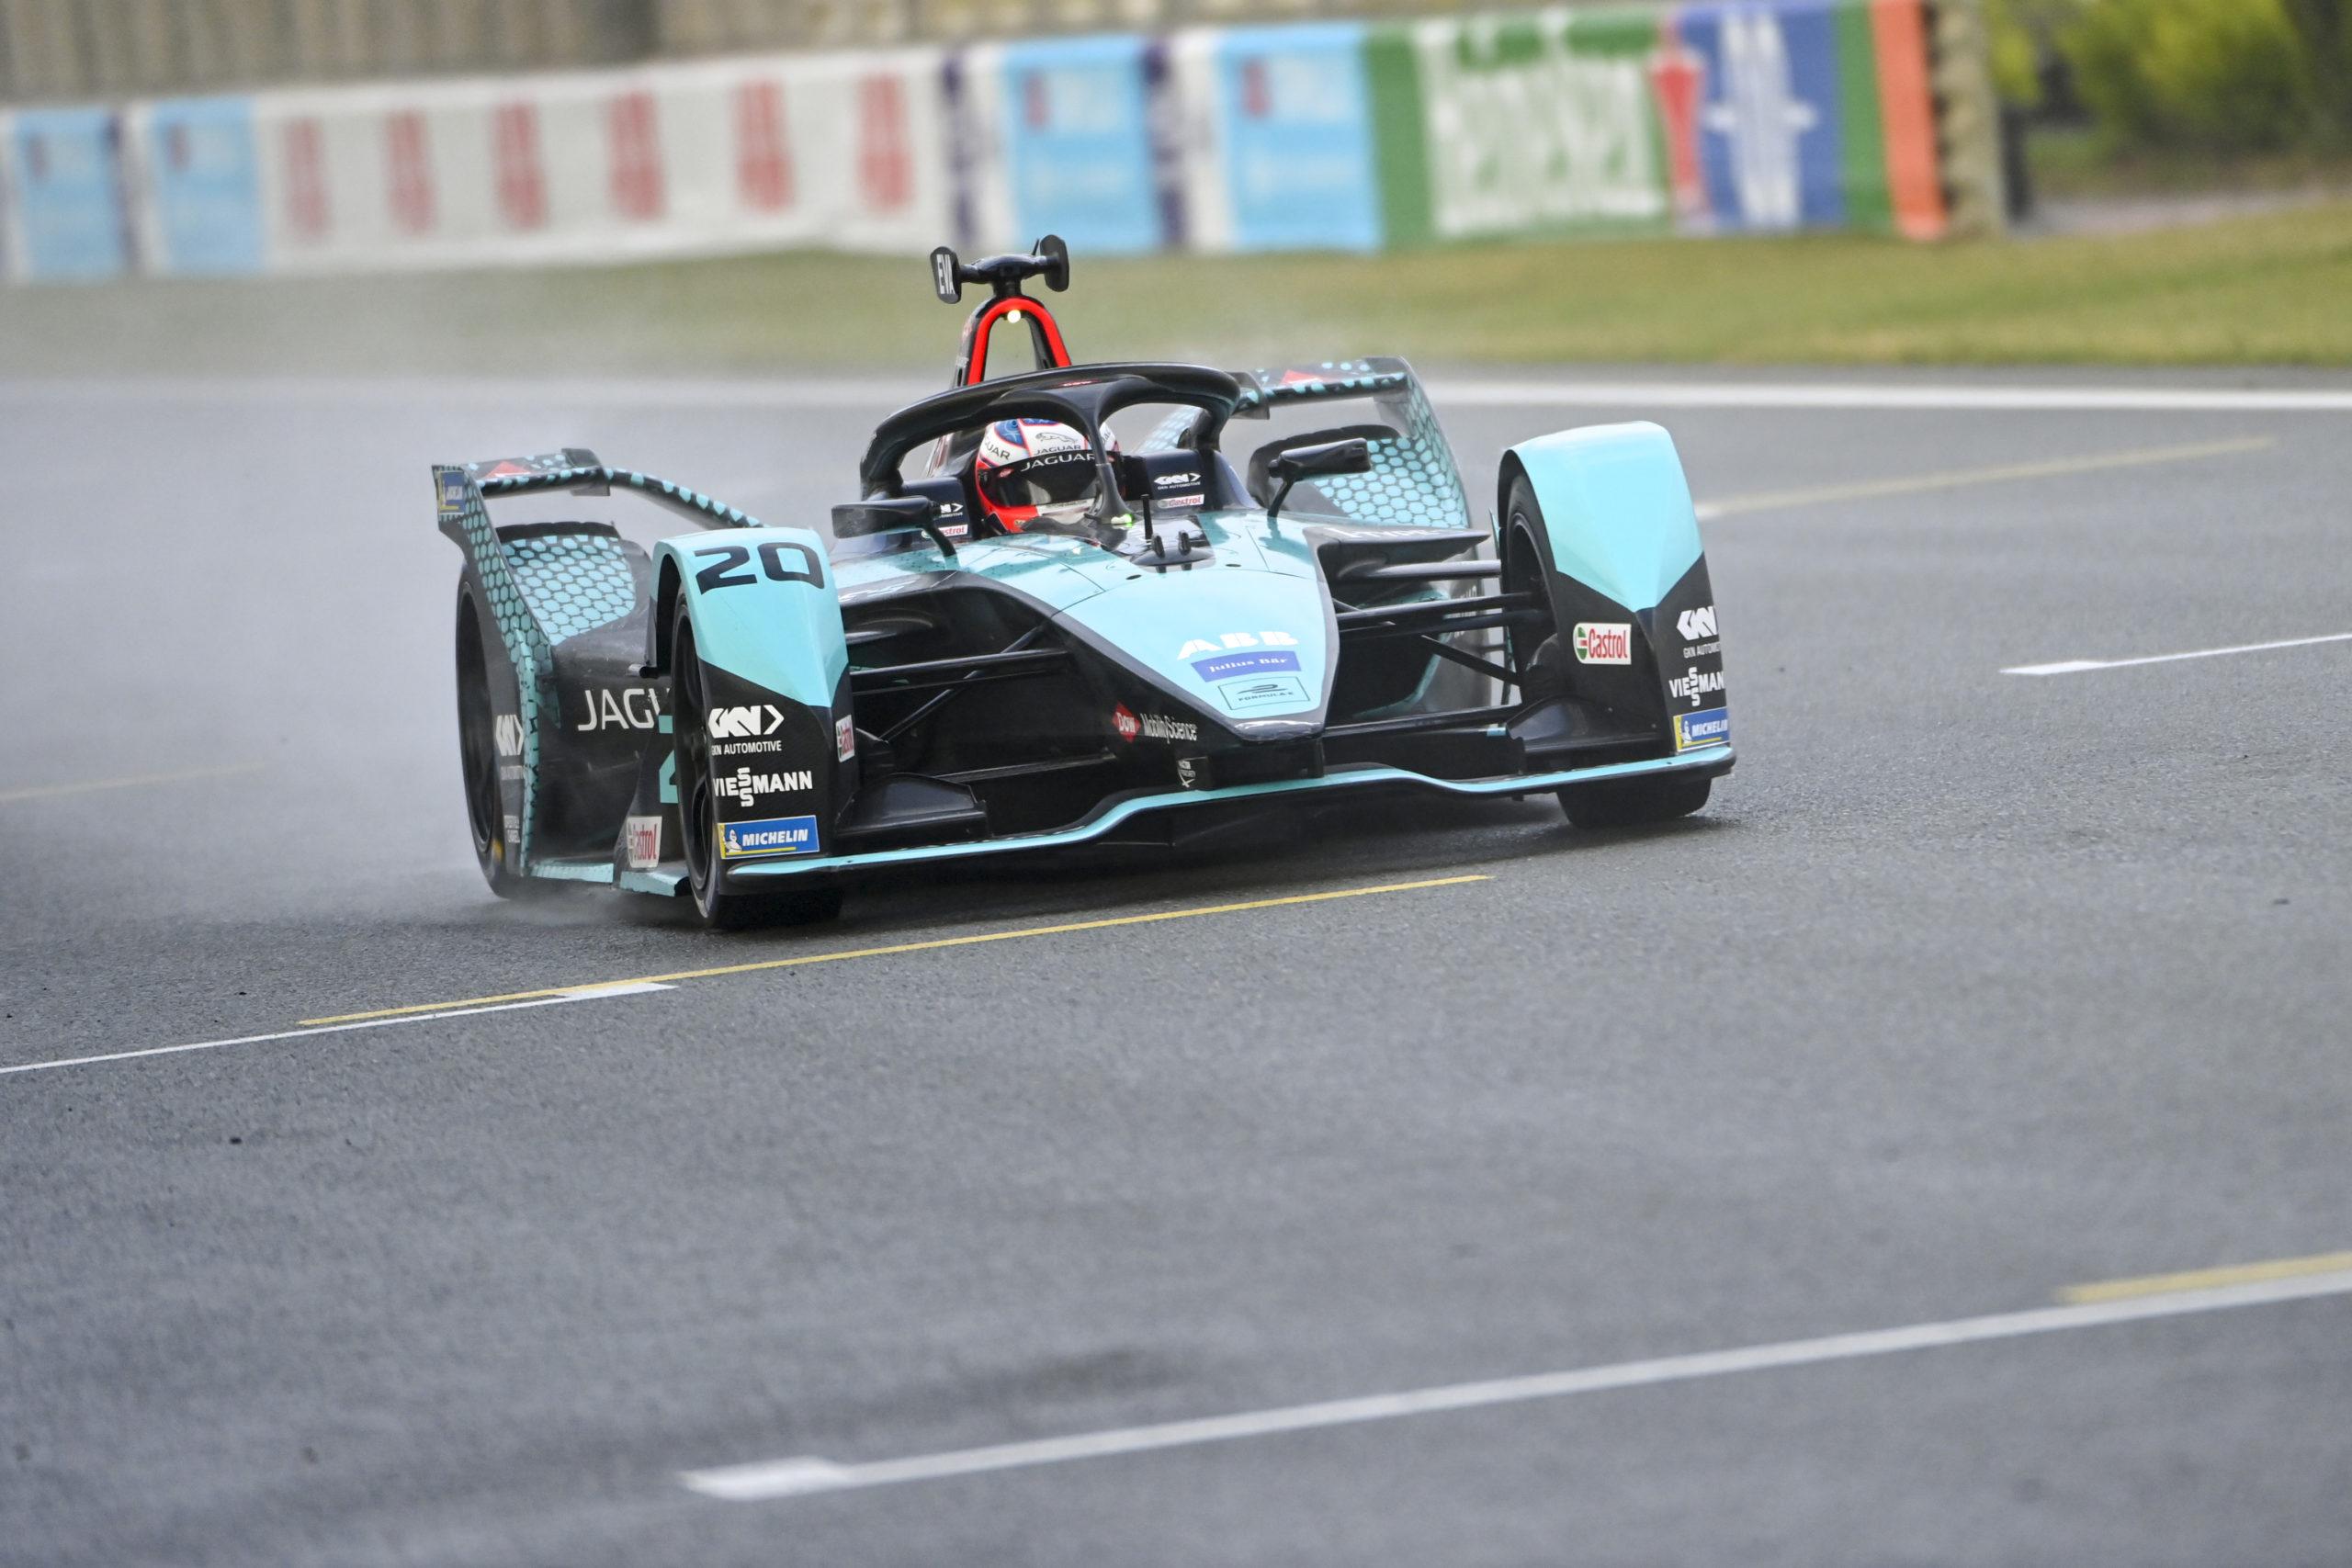 Mitch Evans (NZL), Jaguar Racing, Valencia ePrix 2021, Formula-E